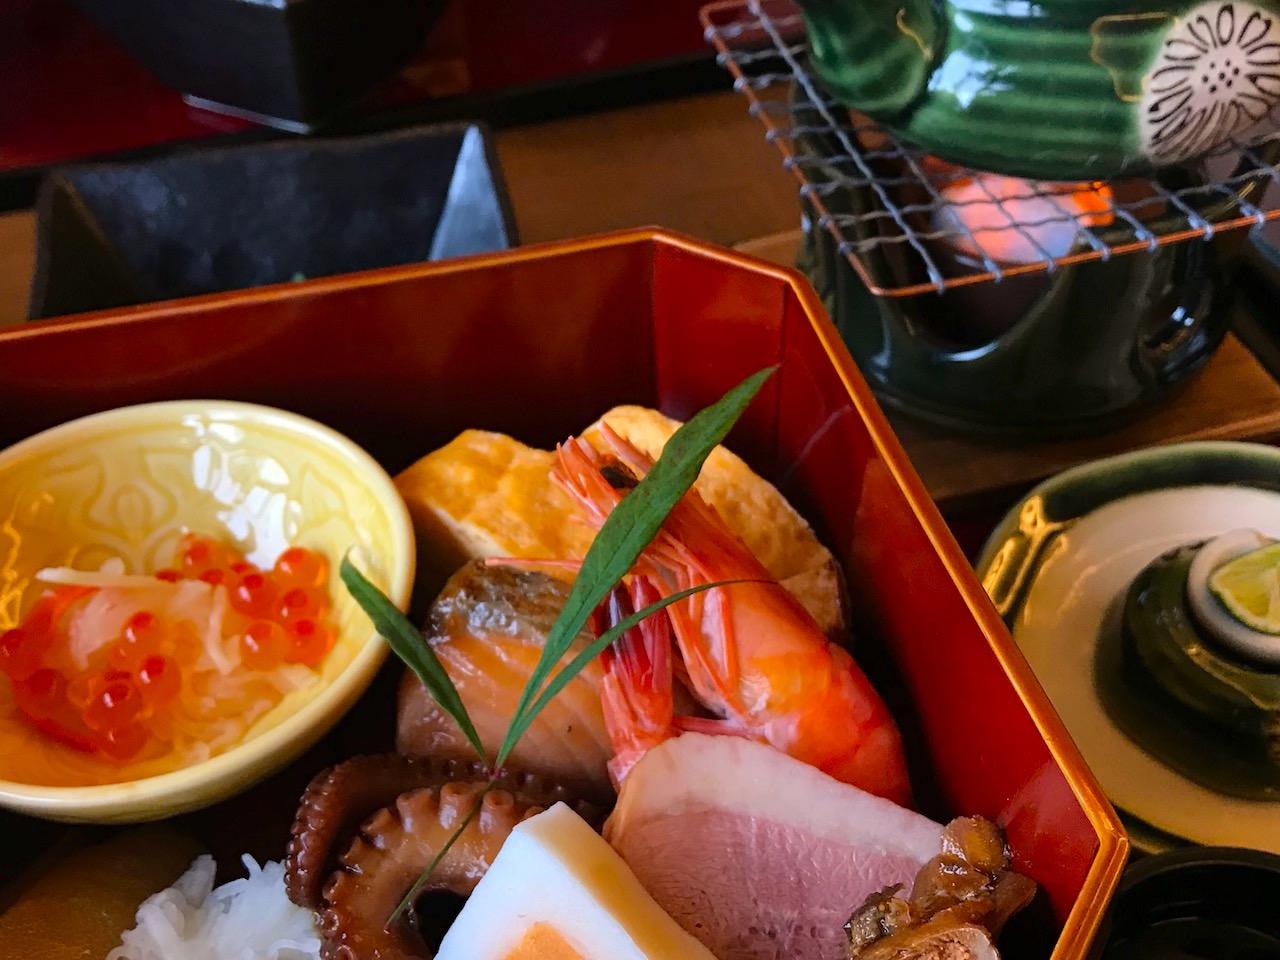 近江八幡の京料理「宮前」のランチ湖水